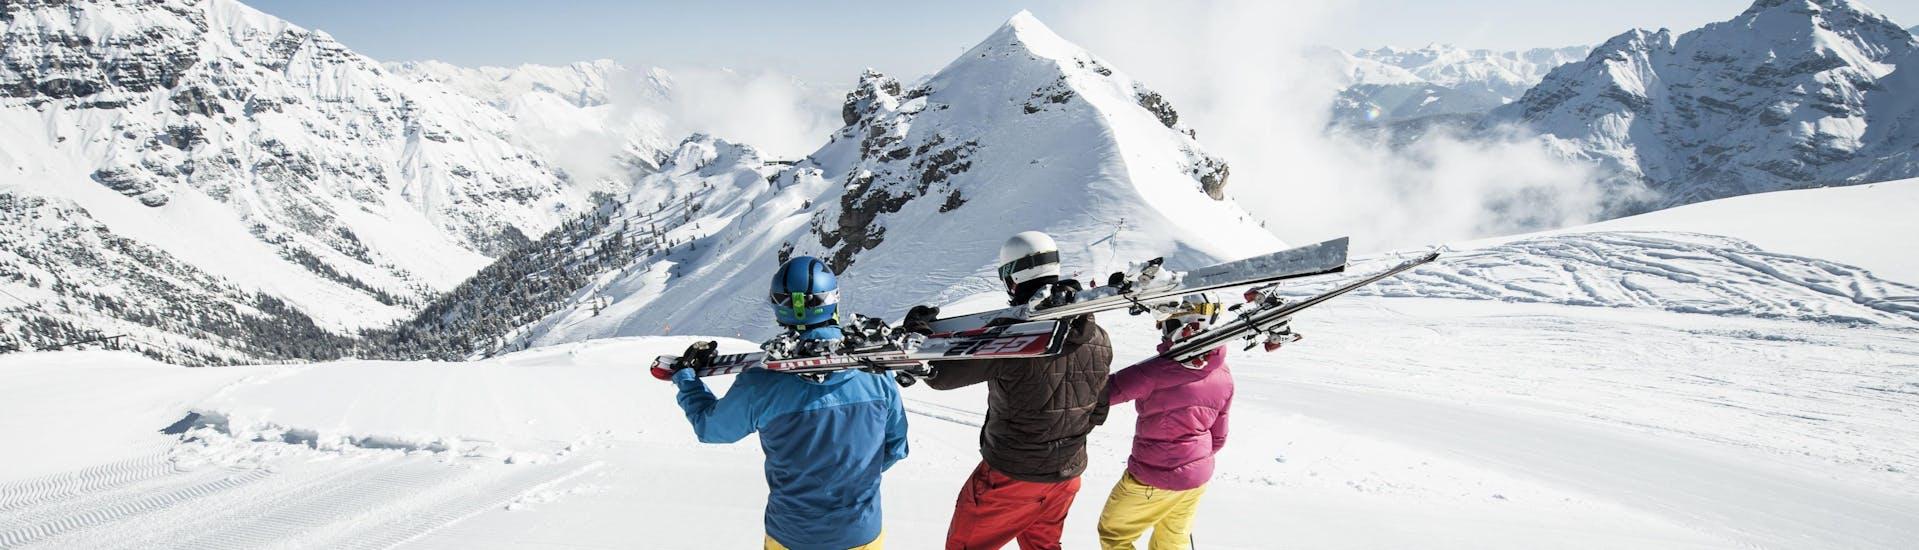 3 skiers prepare for their ski lessons in English in the ski resort of Ponte di Legno.